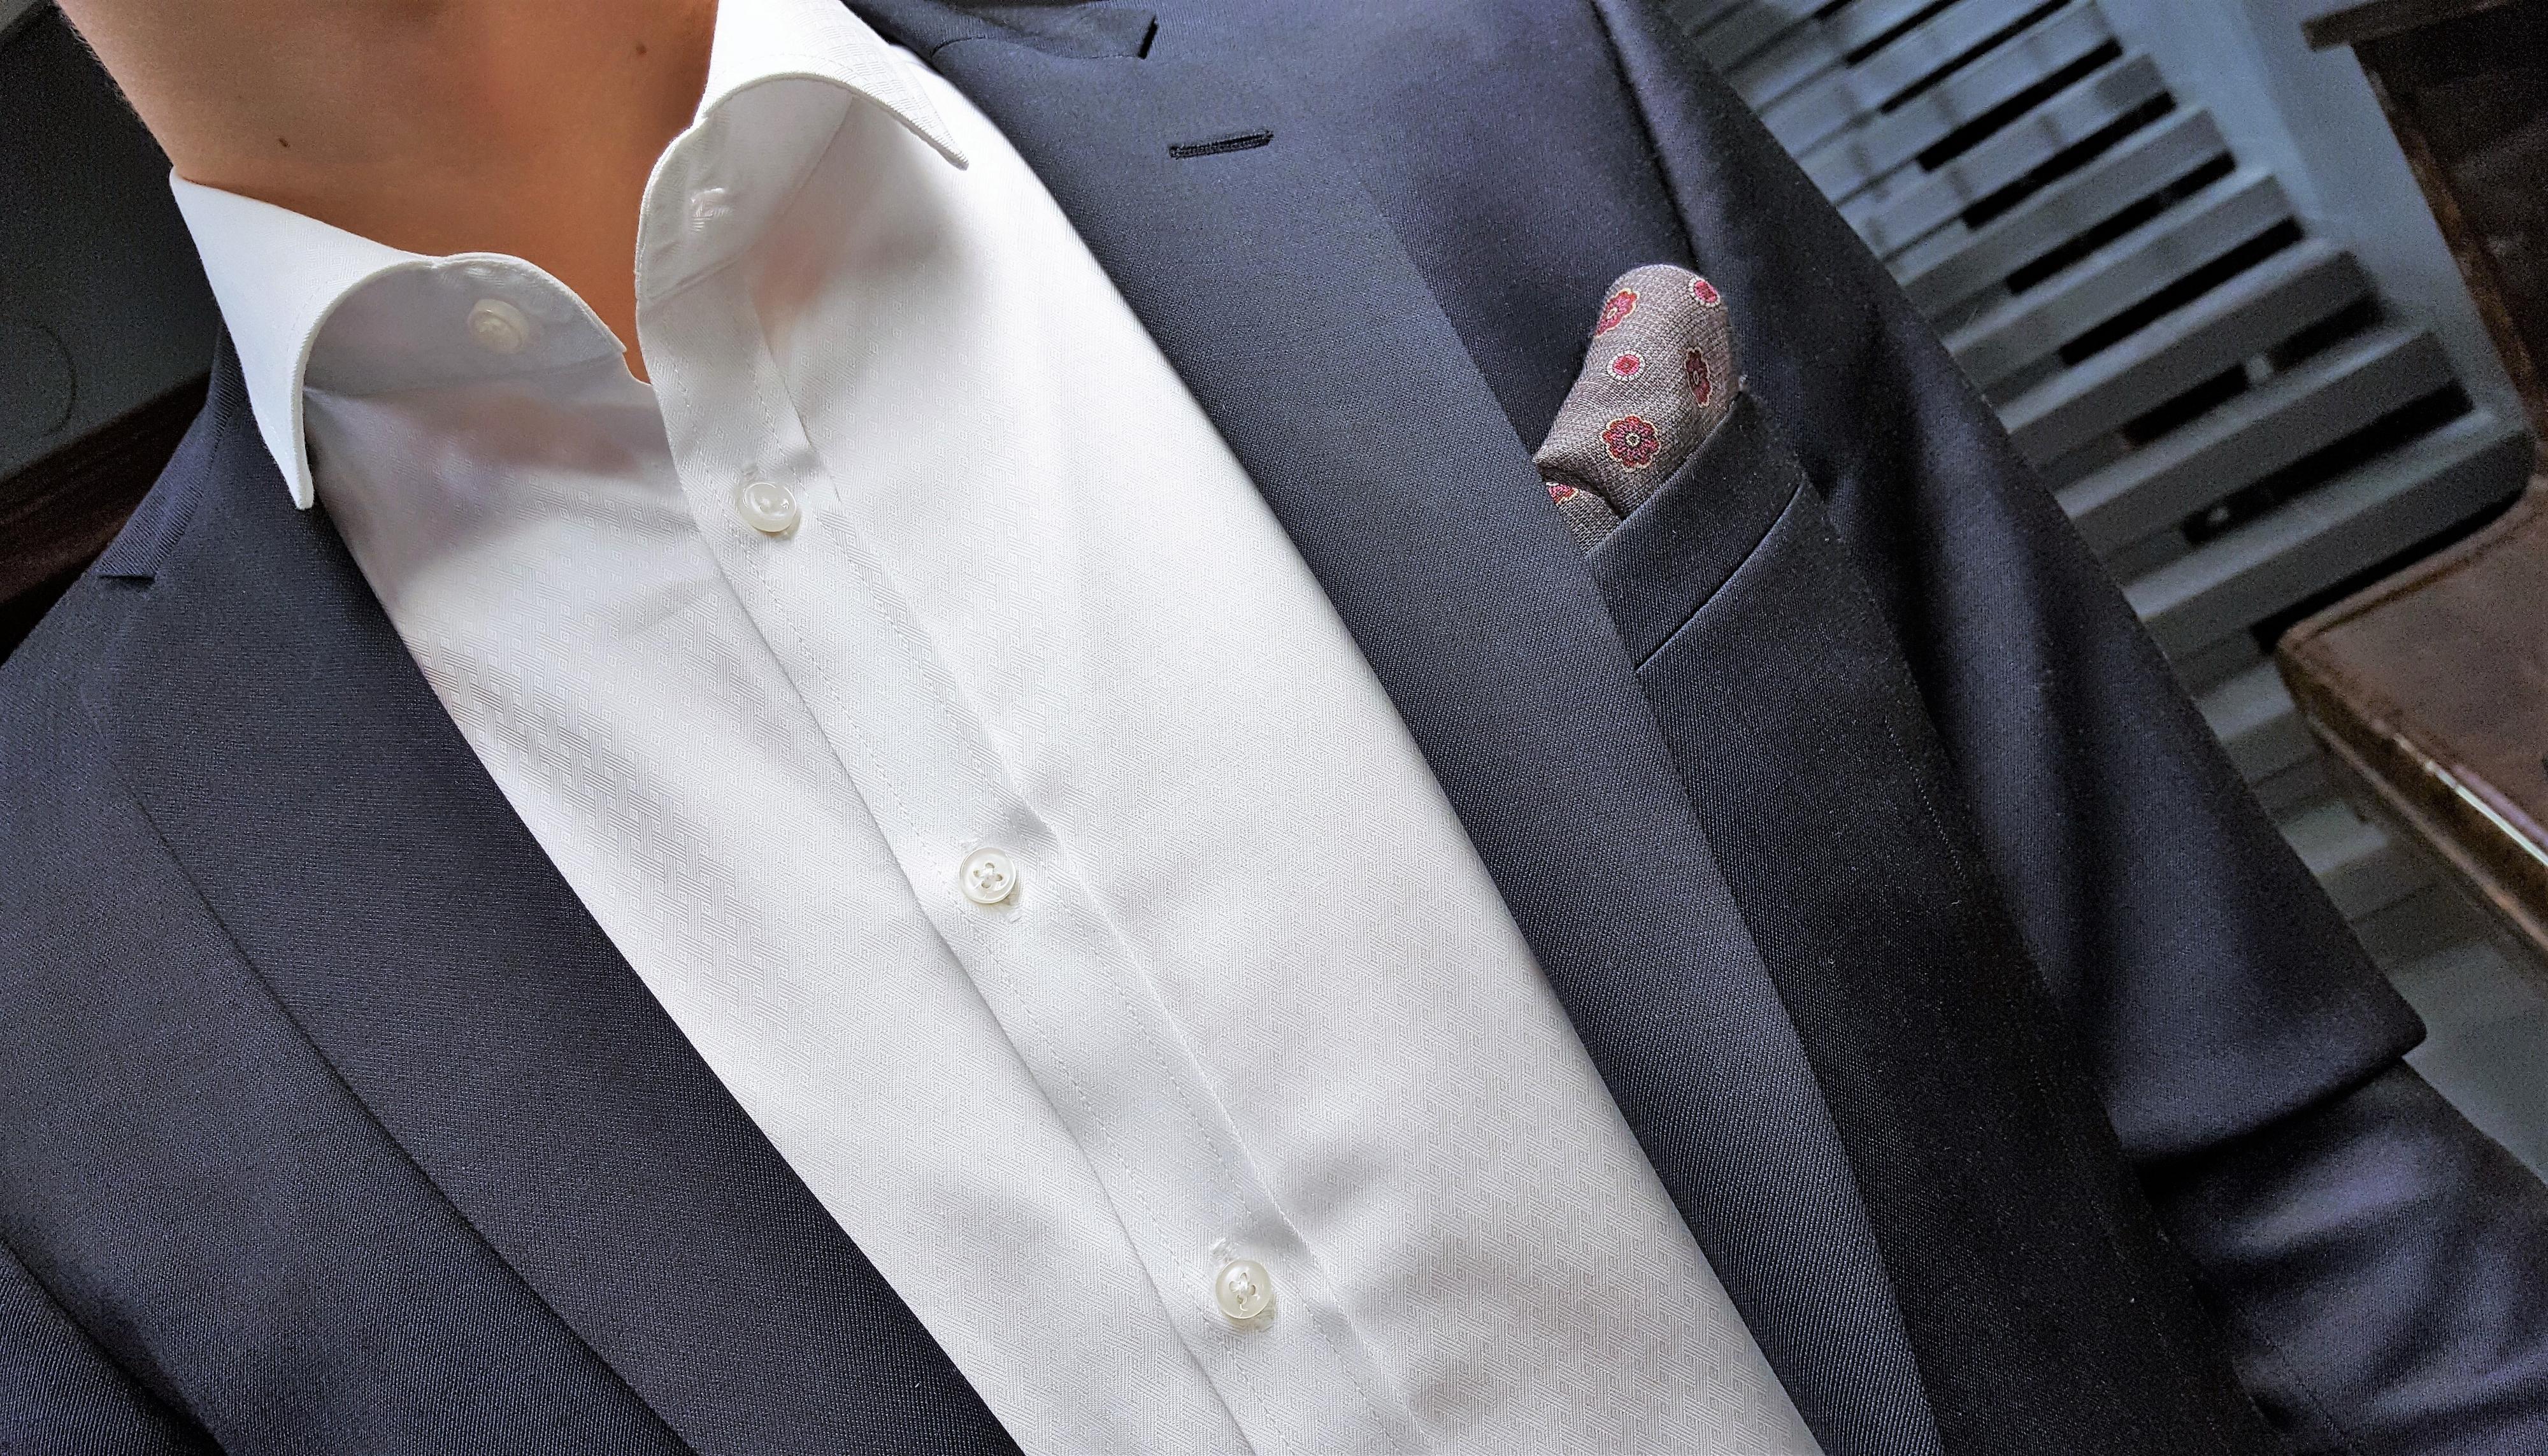 Miesten pukeutuminen valkoinen kauluspaita ja tumma puku – Vaatetusliike Aaron's Oy